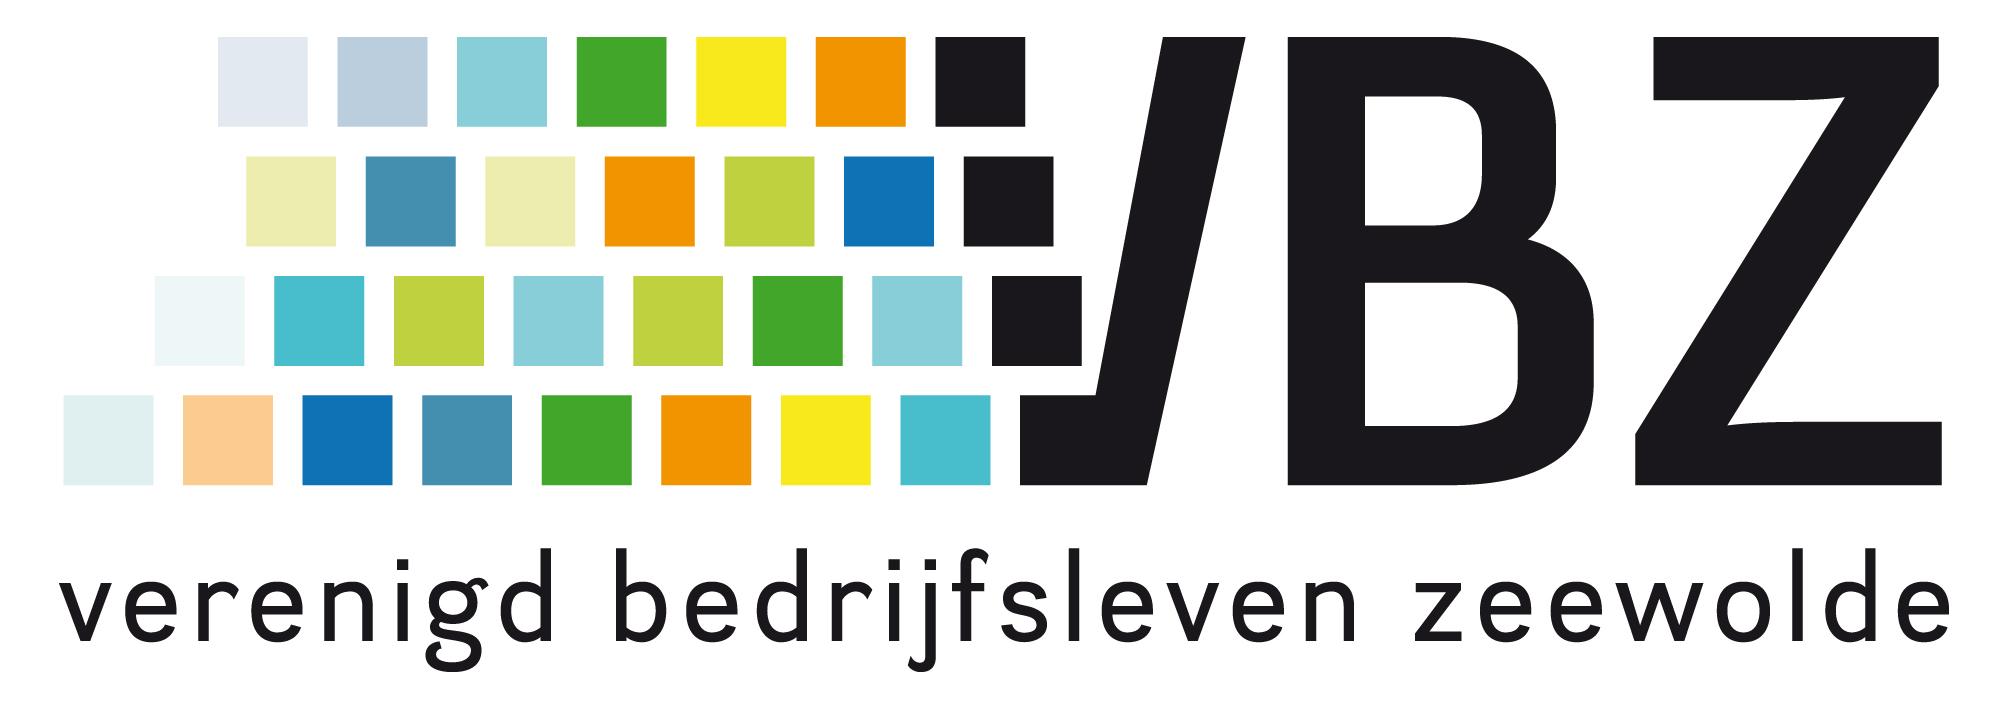 Inspreeknotitie Wim van den Noort namens VBZ, BKZ en VCZ